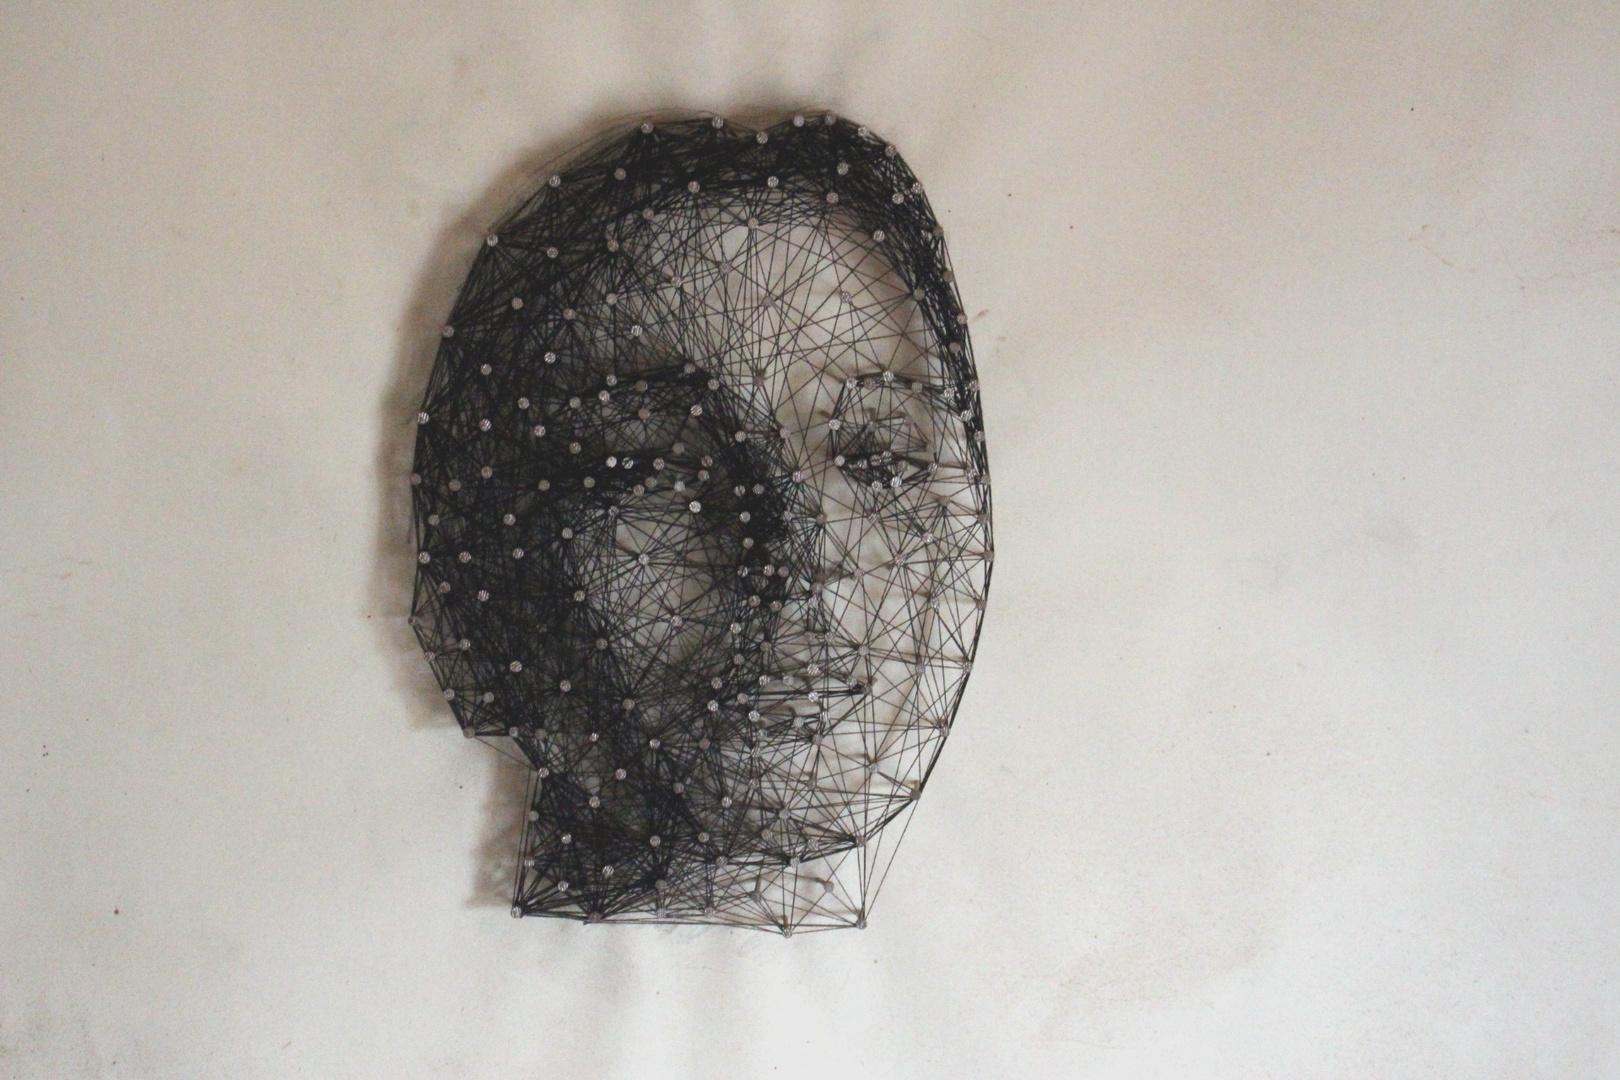 Kunst Mit Nagel Und Faden 2 Foto Bild Kunstfotografie Kultur